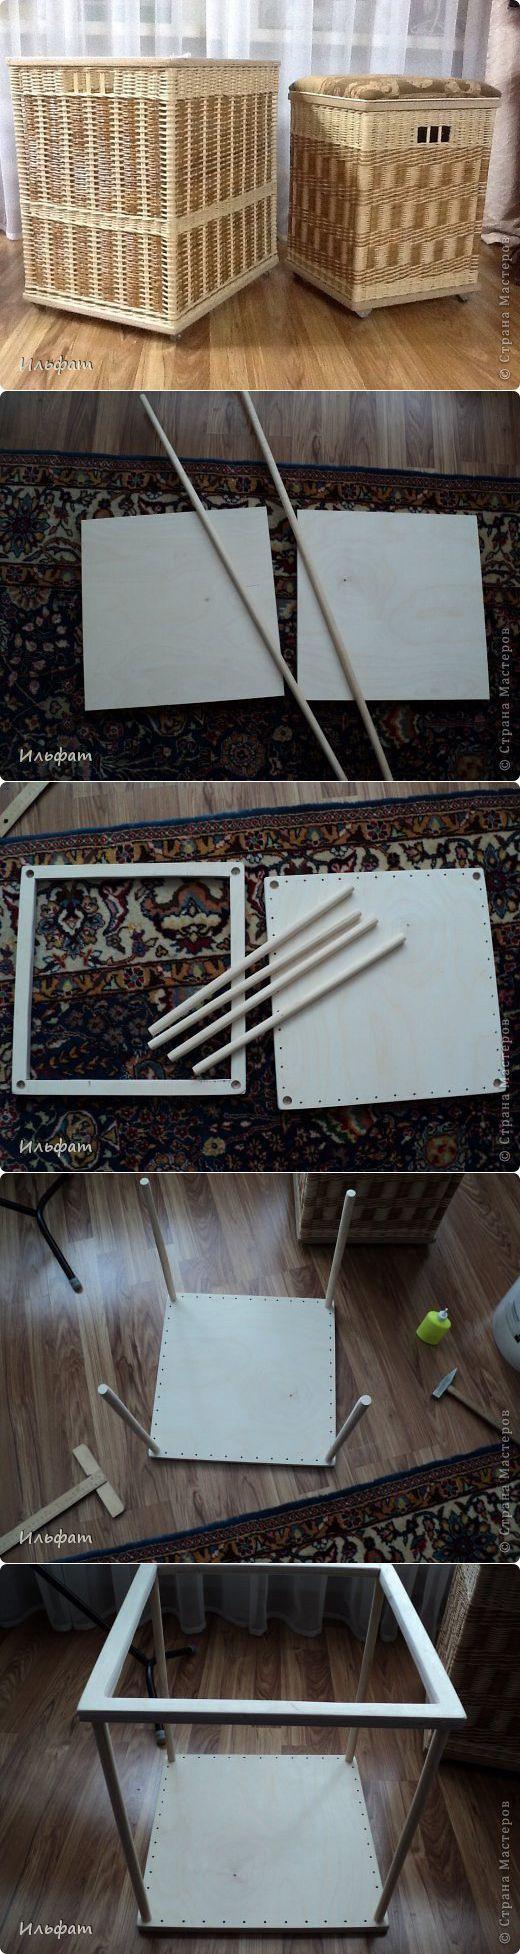 (+1) - Плетение короба   СВОИМИ РУКАМИ   Плетение из газет   Постила